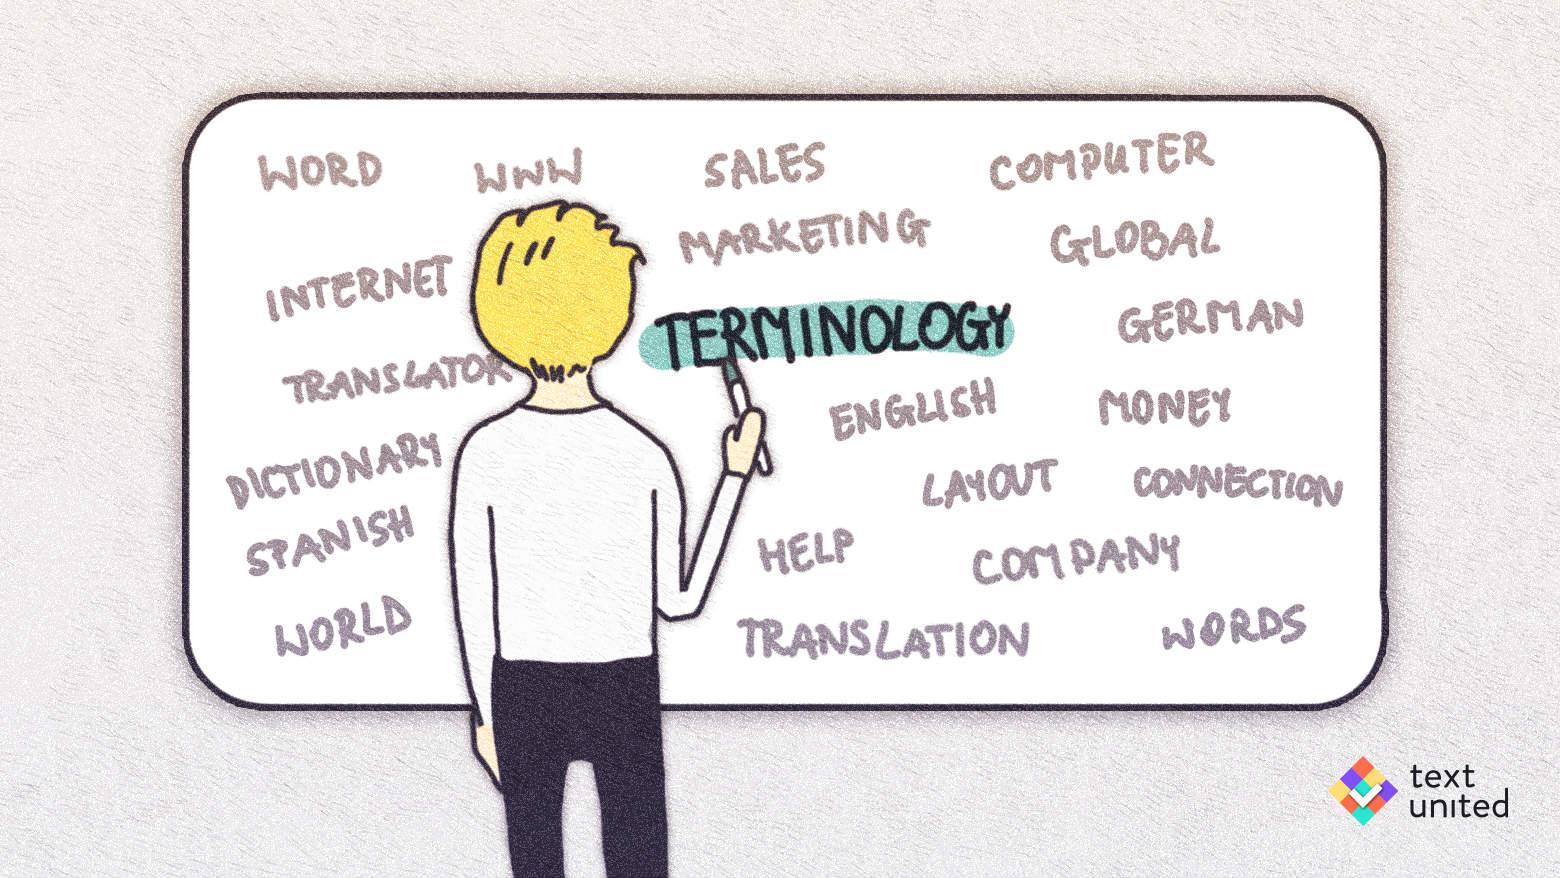 terminology.company.dictionary